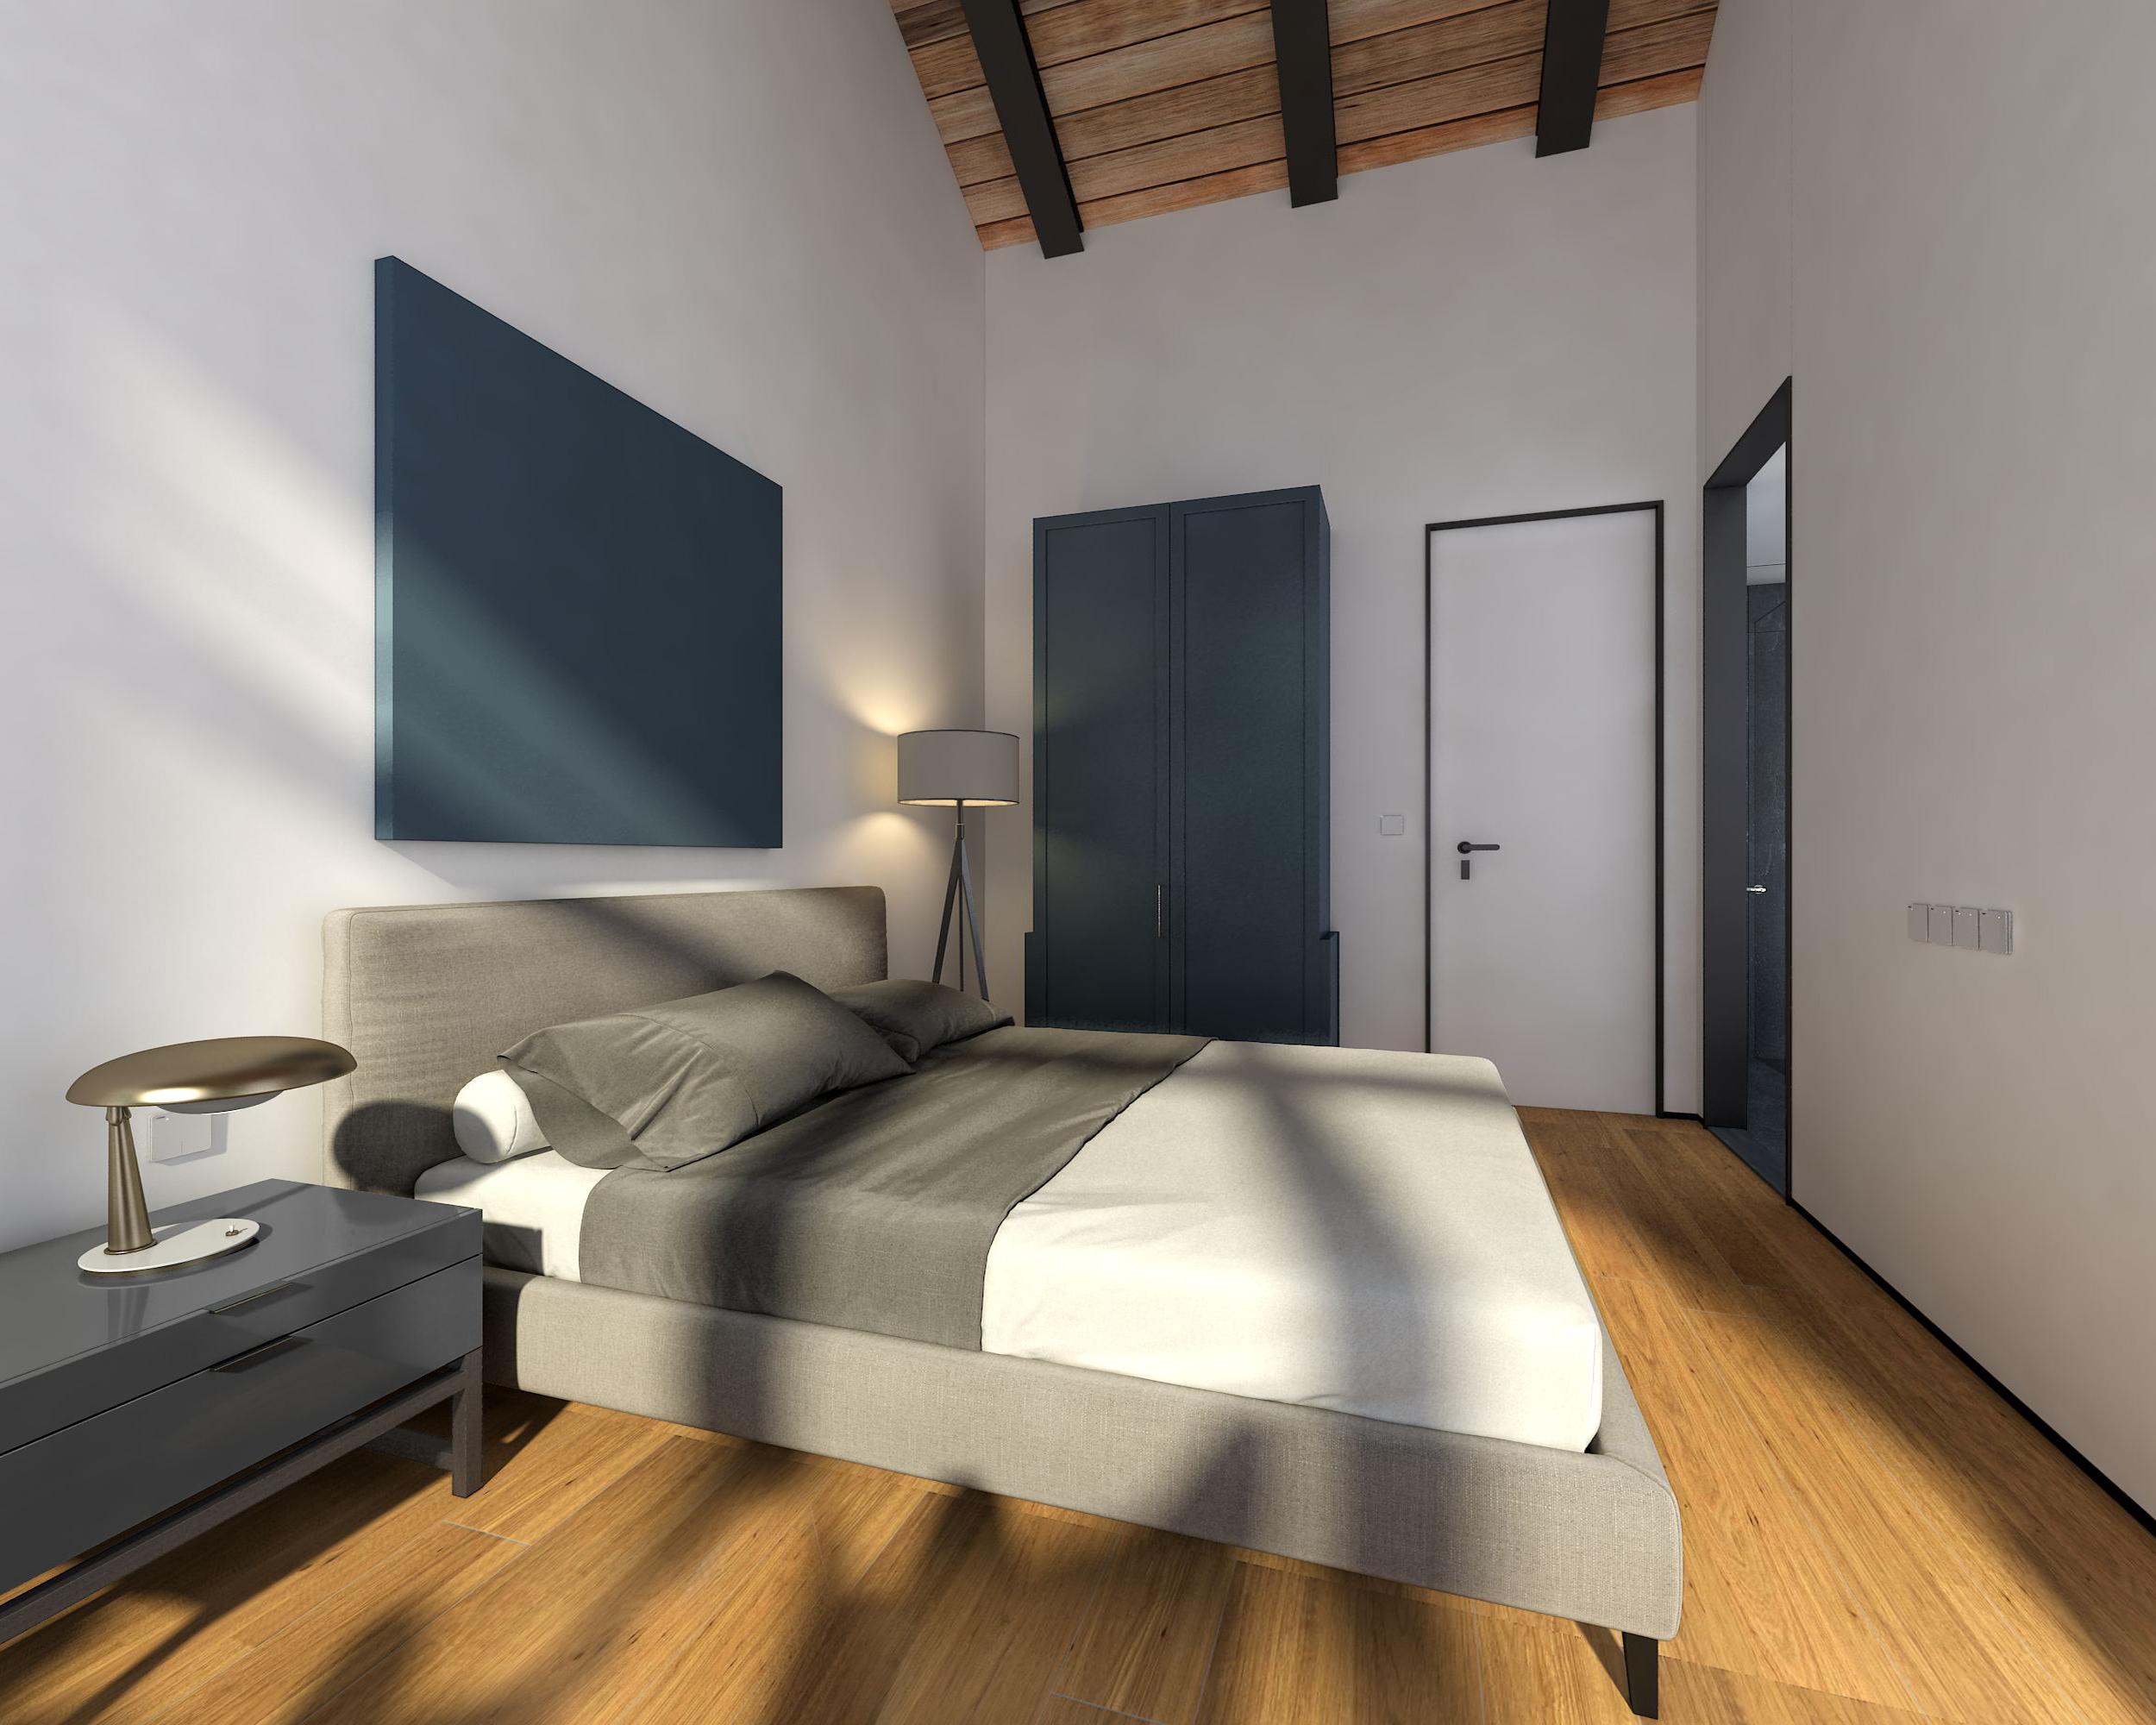 复式民宿装修床头柜图片